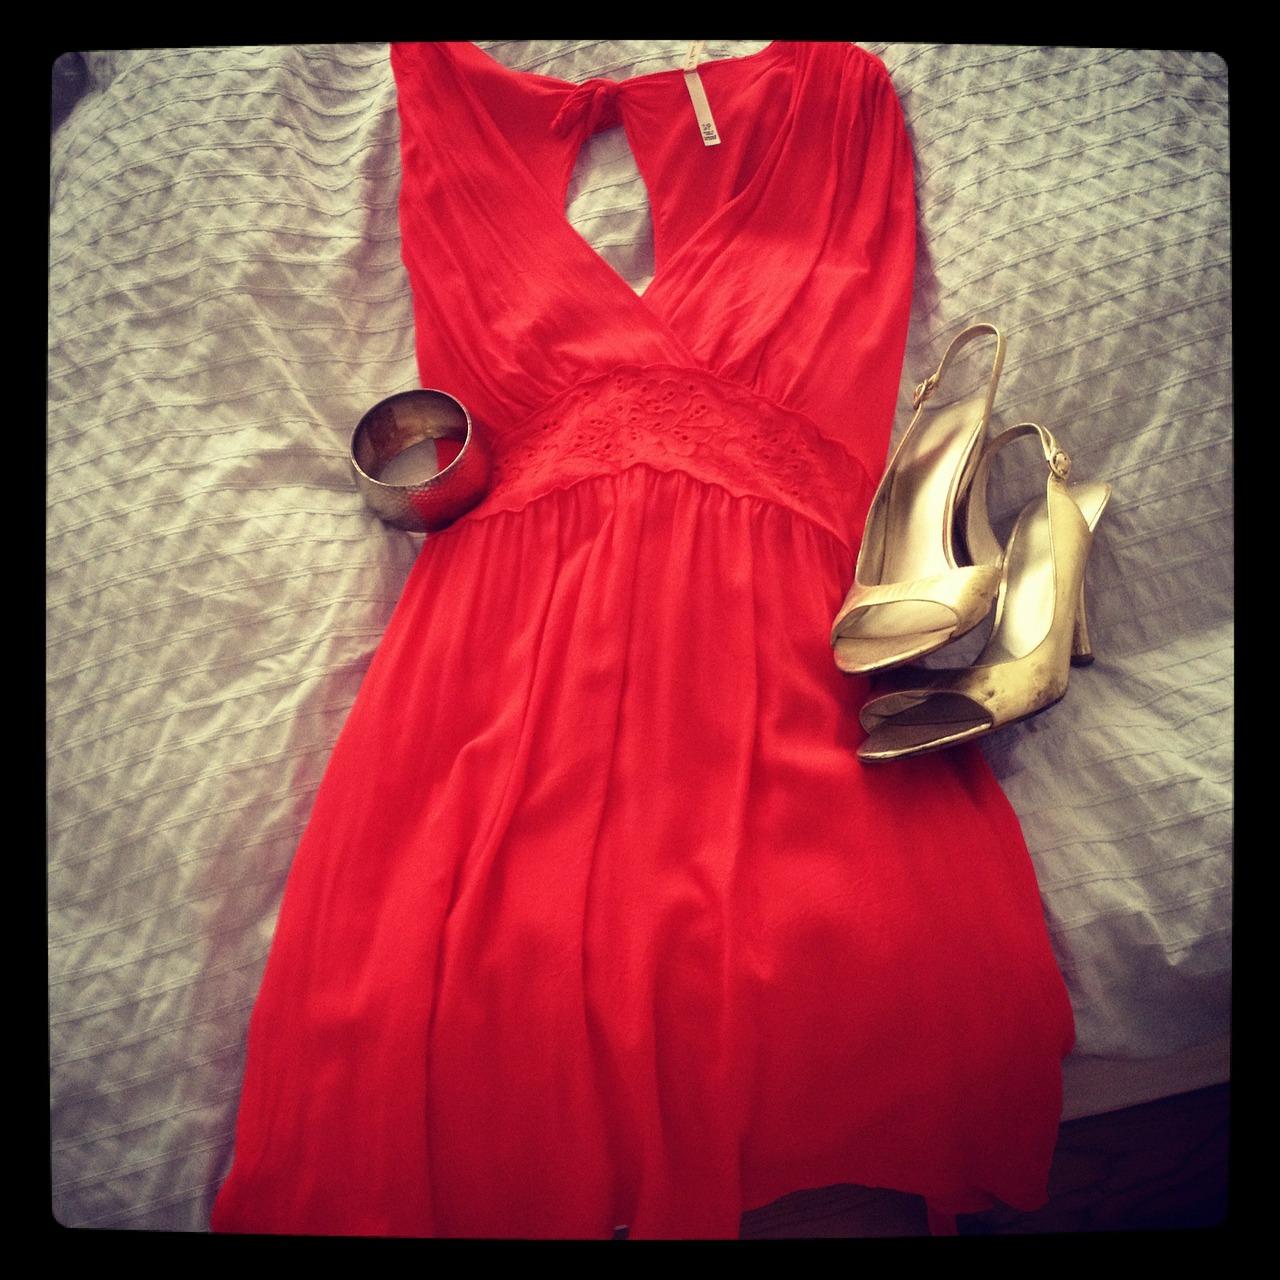 dress-186249_1280.jpg